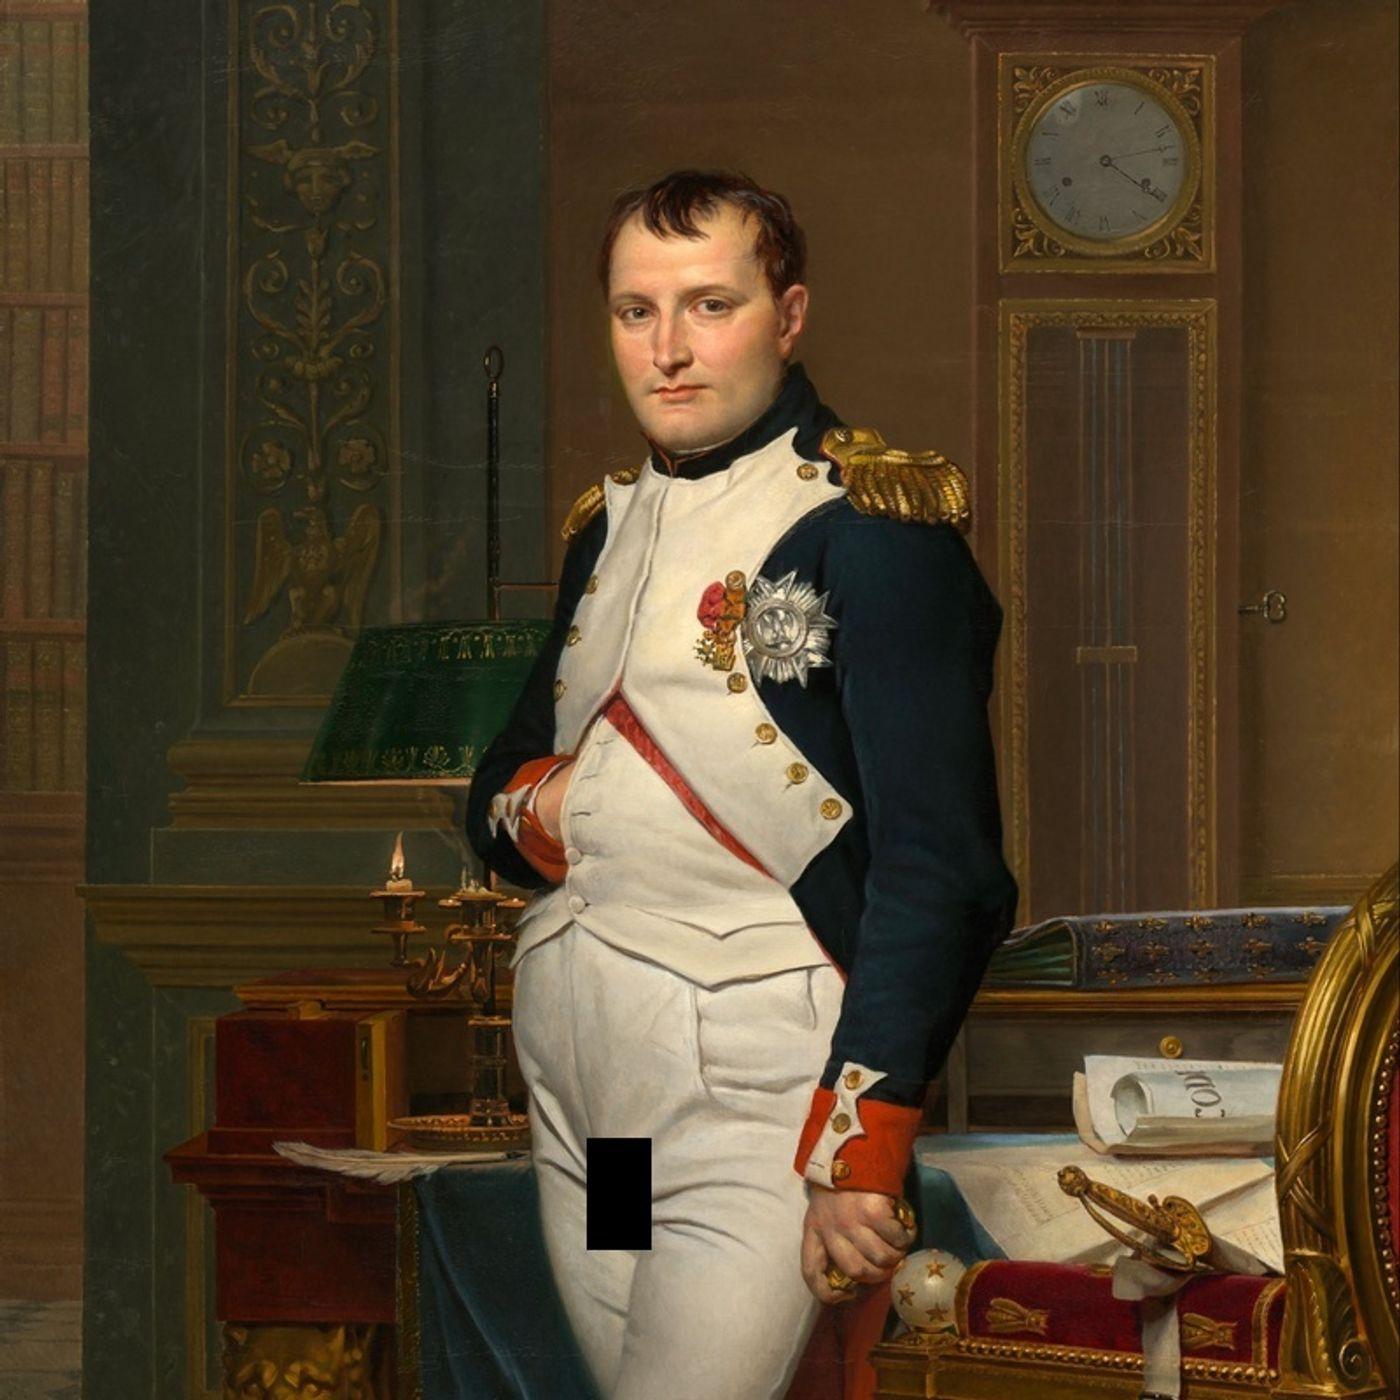 (Gościnnie) 3. Kasia ze składu Nie Matkuj opowiada o przygodach penisa Napoleona